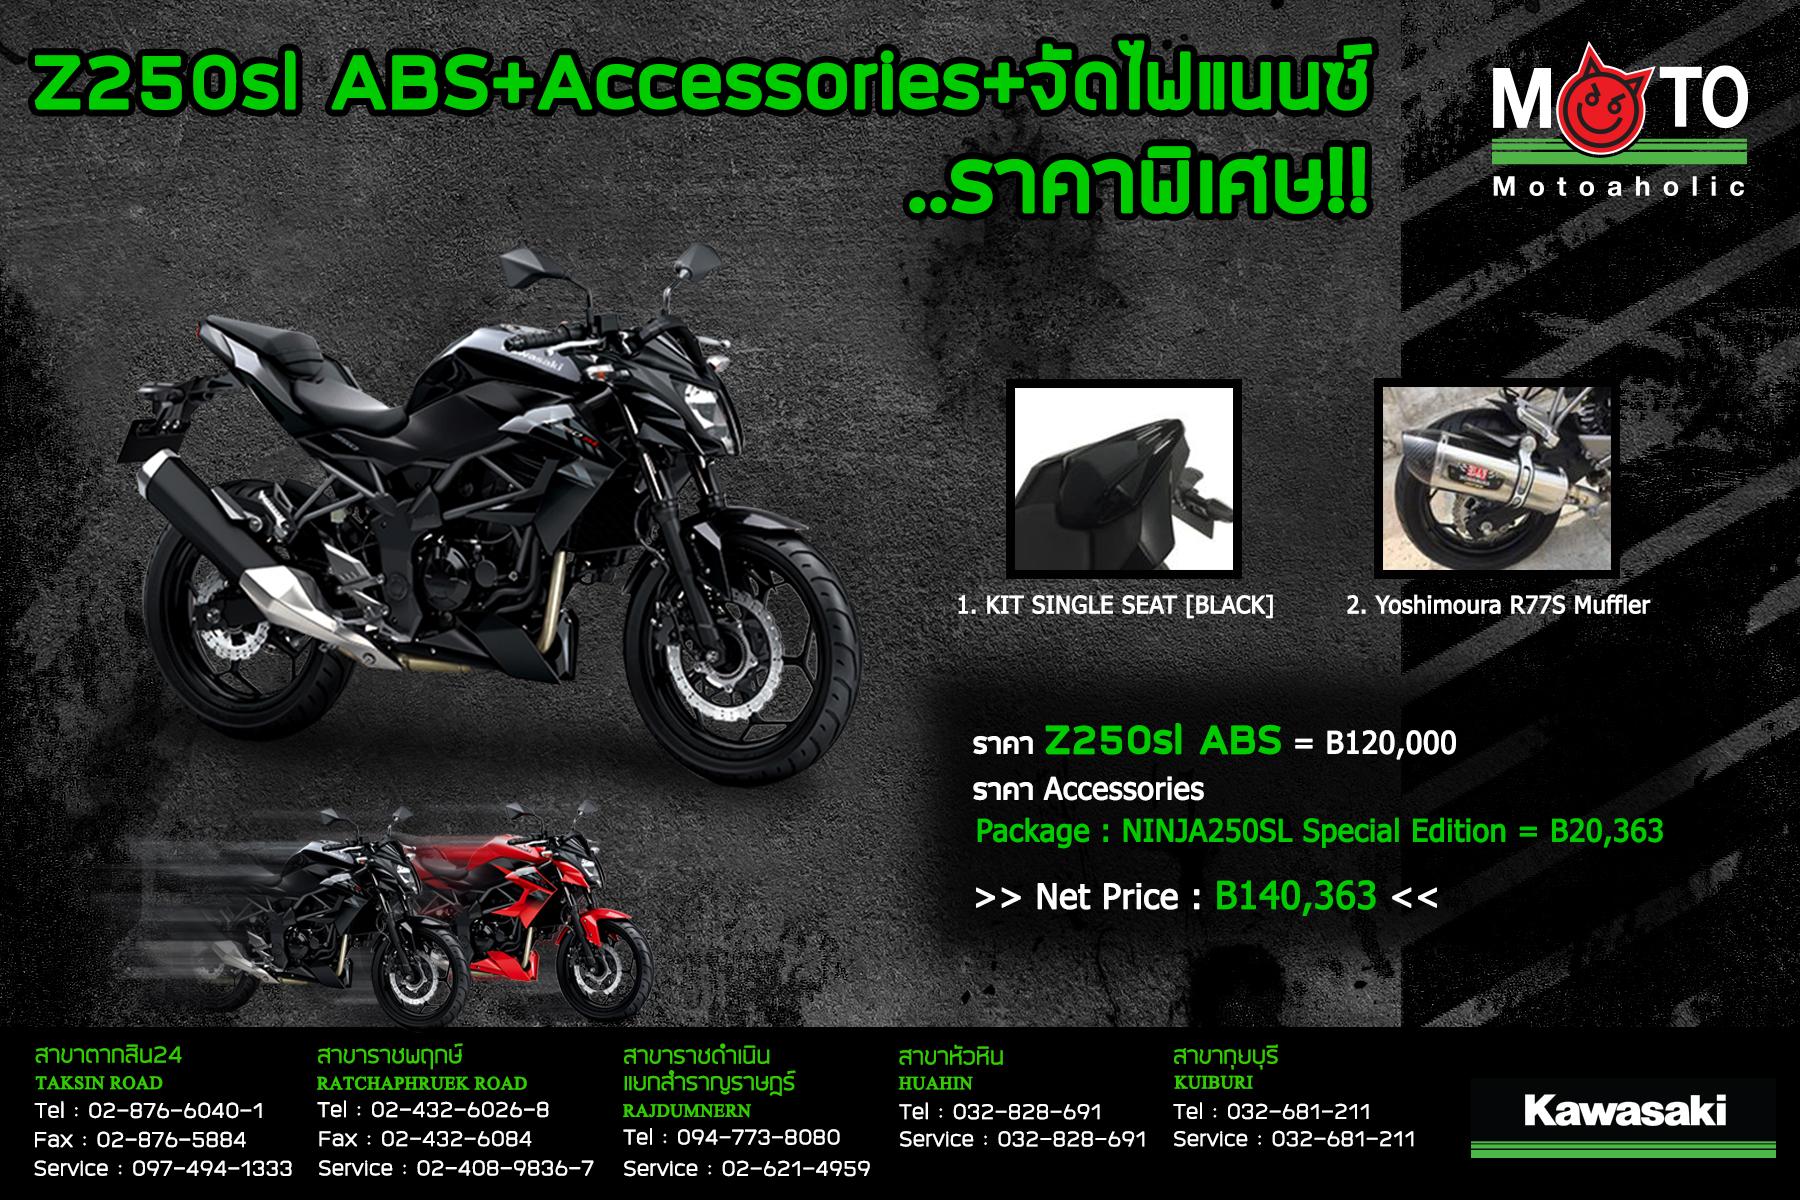 Harga Dan Spek Z250sl Termurah 2018 Fossil Es4047 Es 4047 Original Abs Accessories Motogroup Dealer Of Honda Kawasaki Ducati Vespa Suzuki